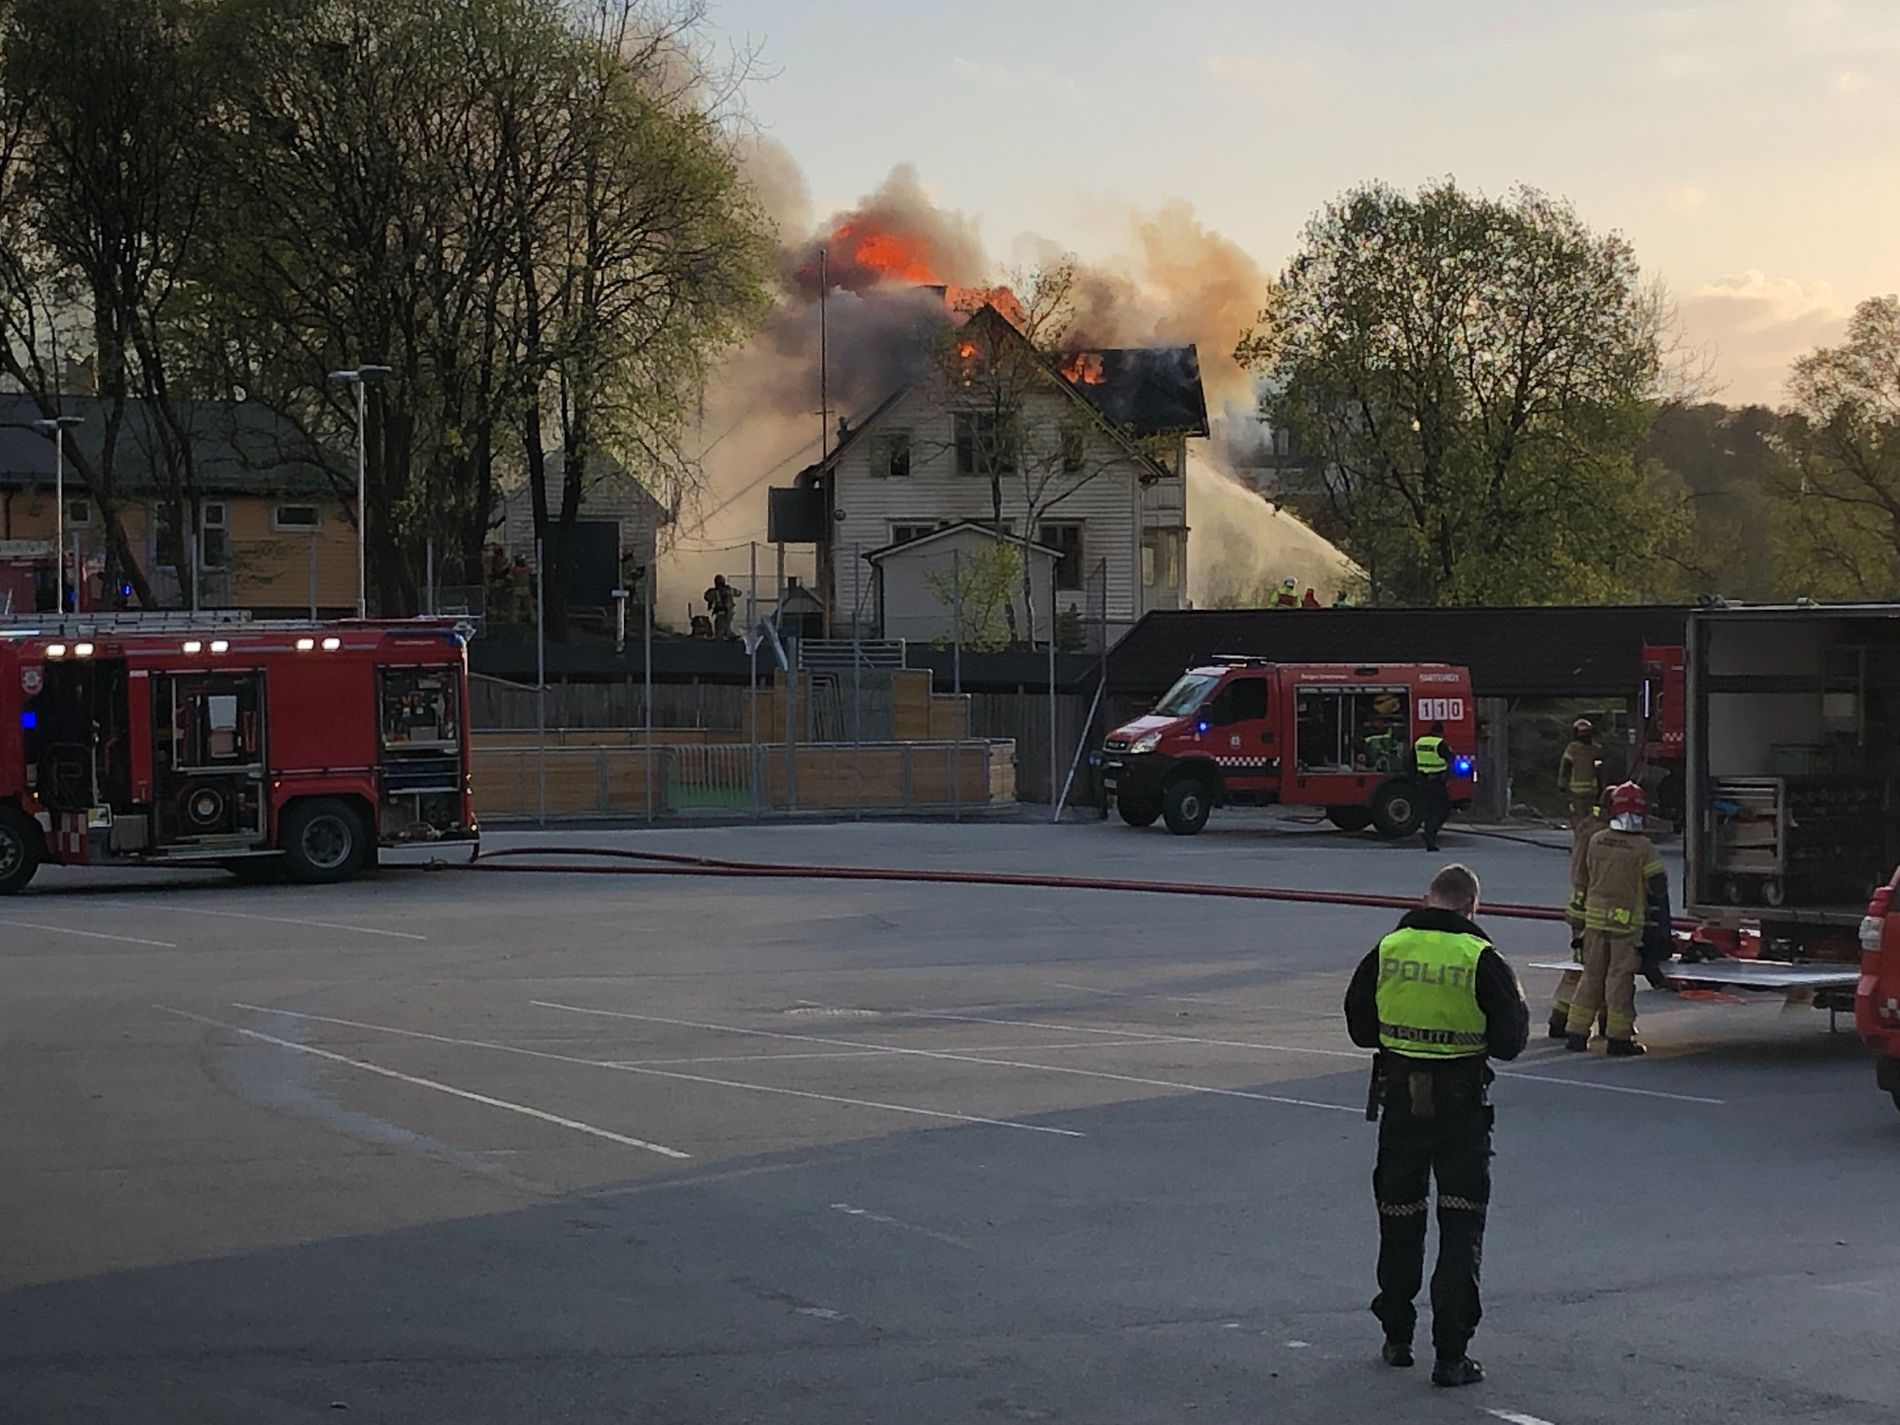 BRANN: Slik så det ut på brannstedet i 20-tiden.